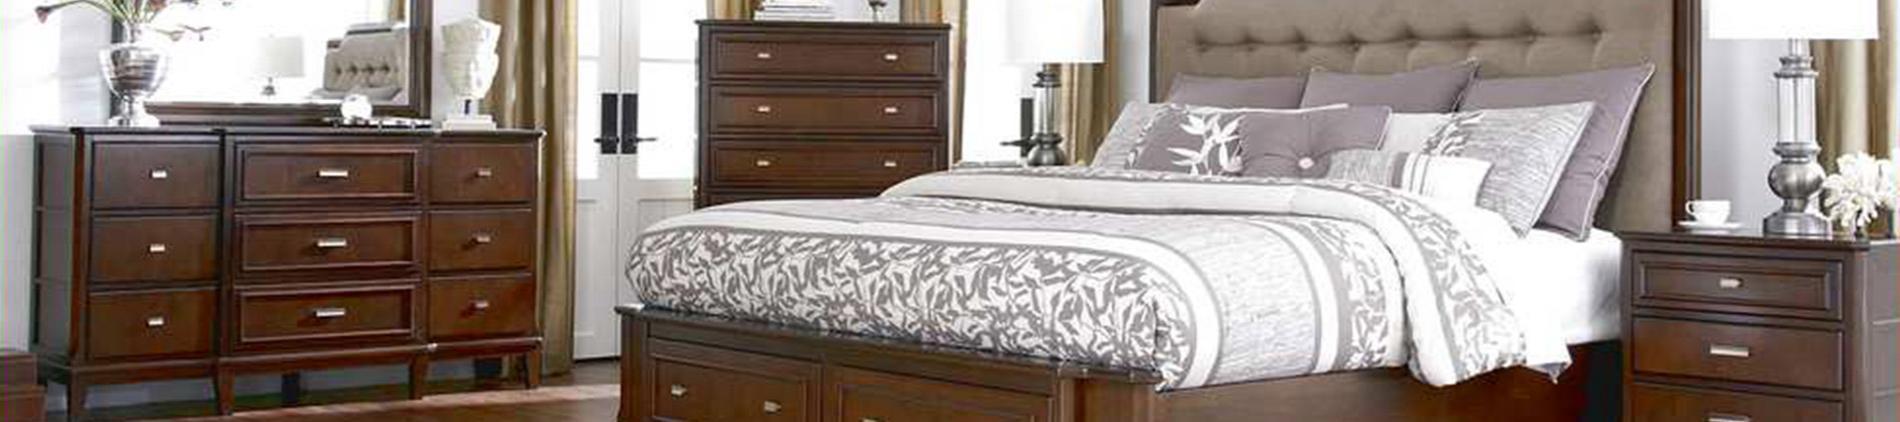 mattress,bedroom,sleep